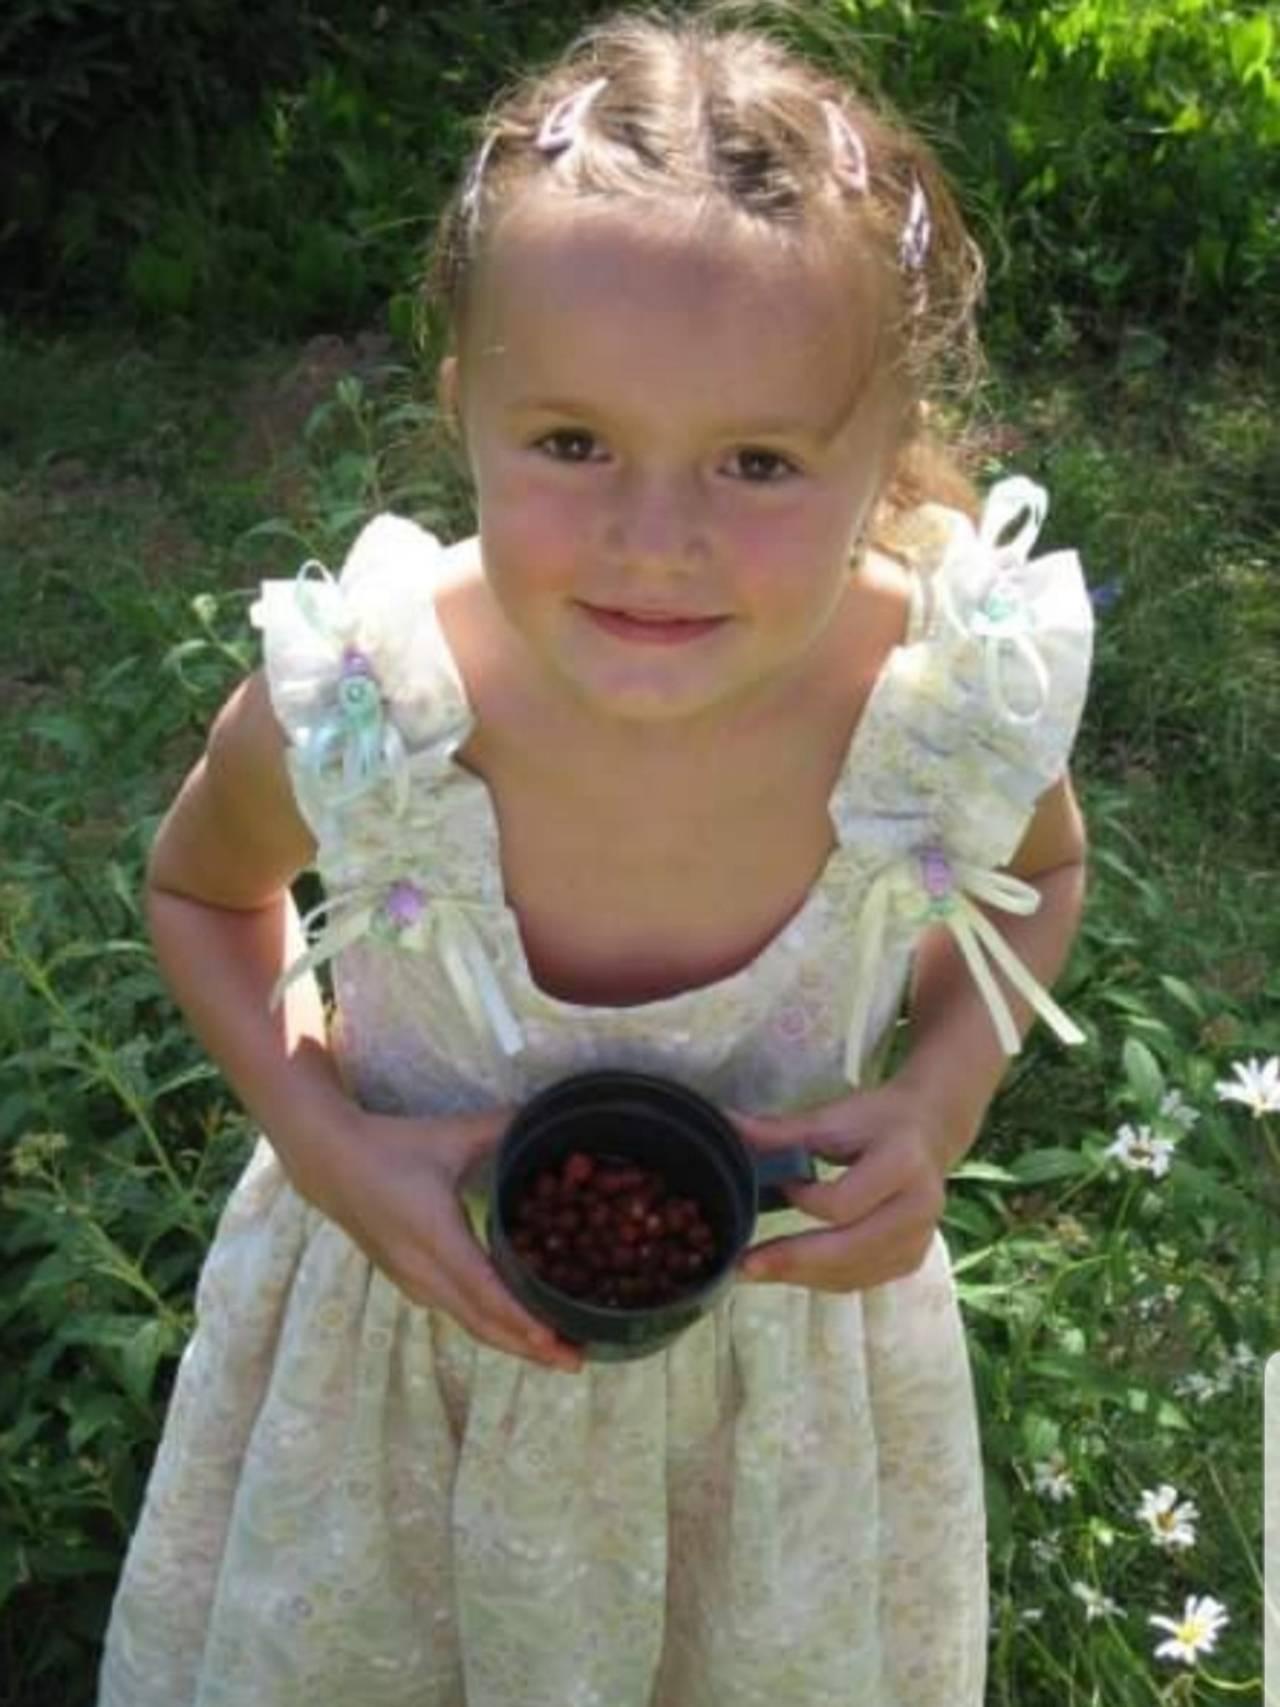 Andrine som barn står i en hage med blomstrete lys kjole og har plukket bær i en kopp.